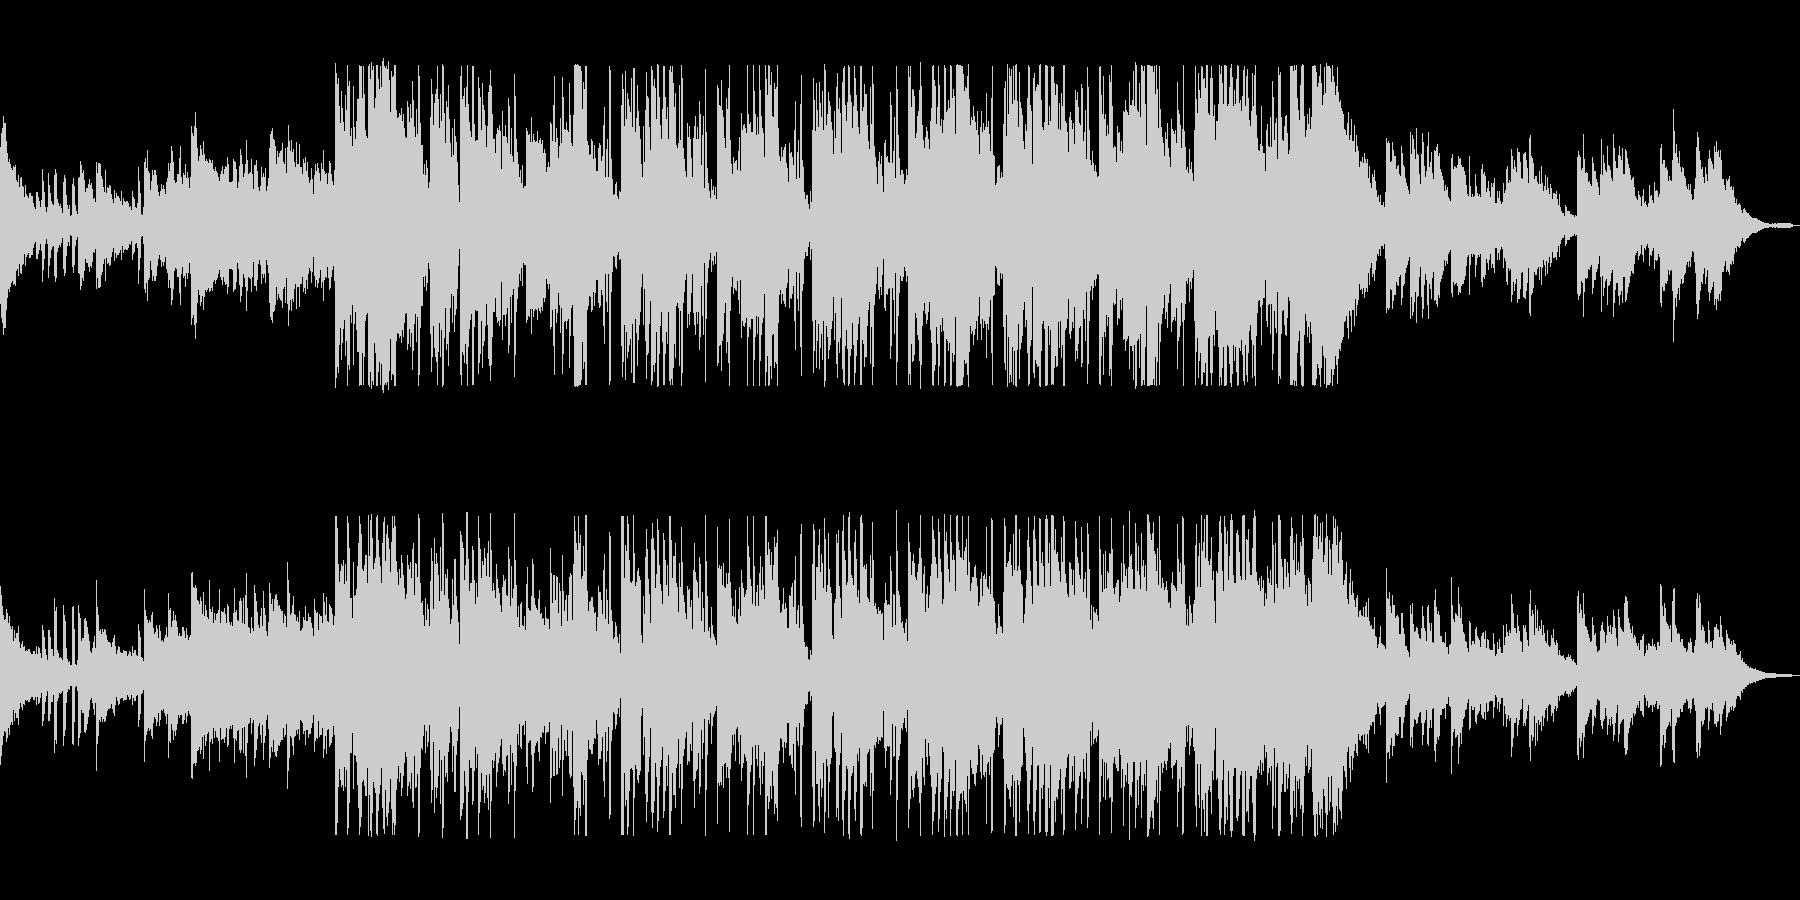 ピアノがおしゃれなカフェサウンドの未再生の波形